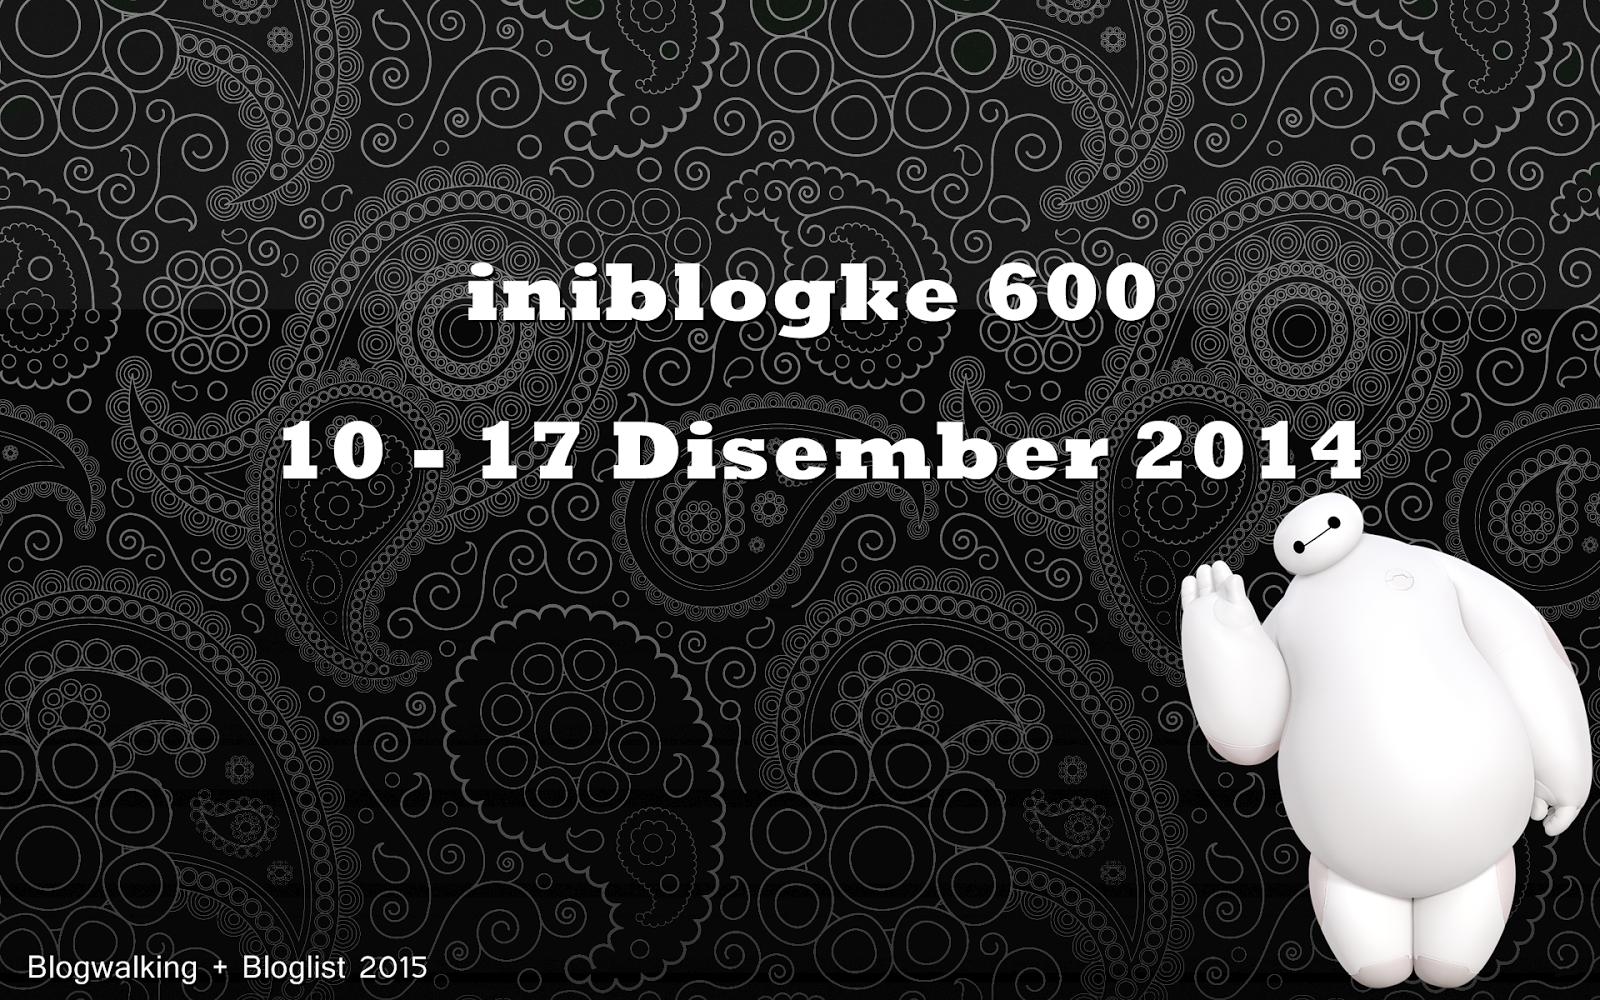 Iniblogke-600-bloglist